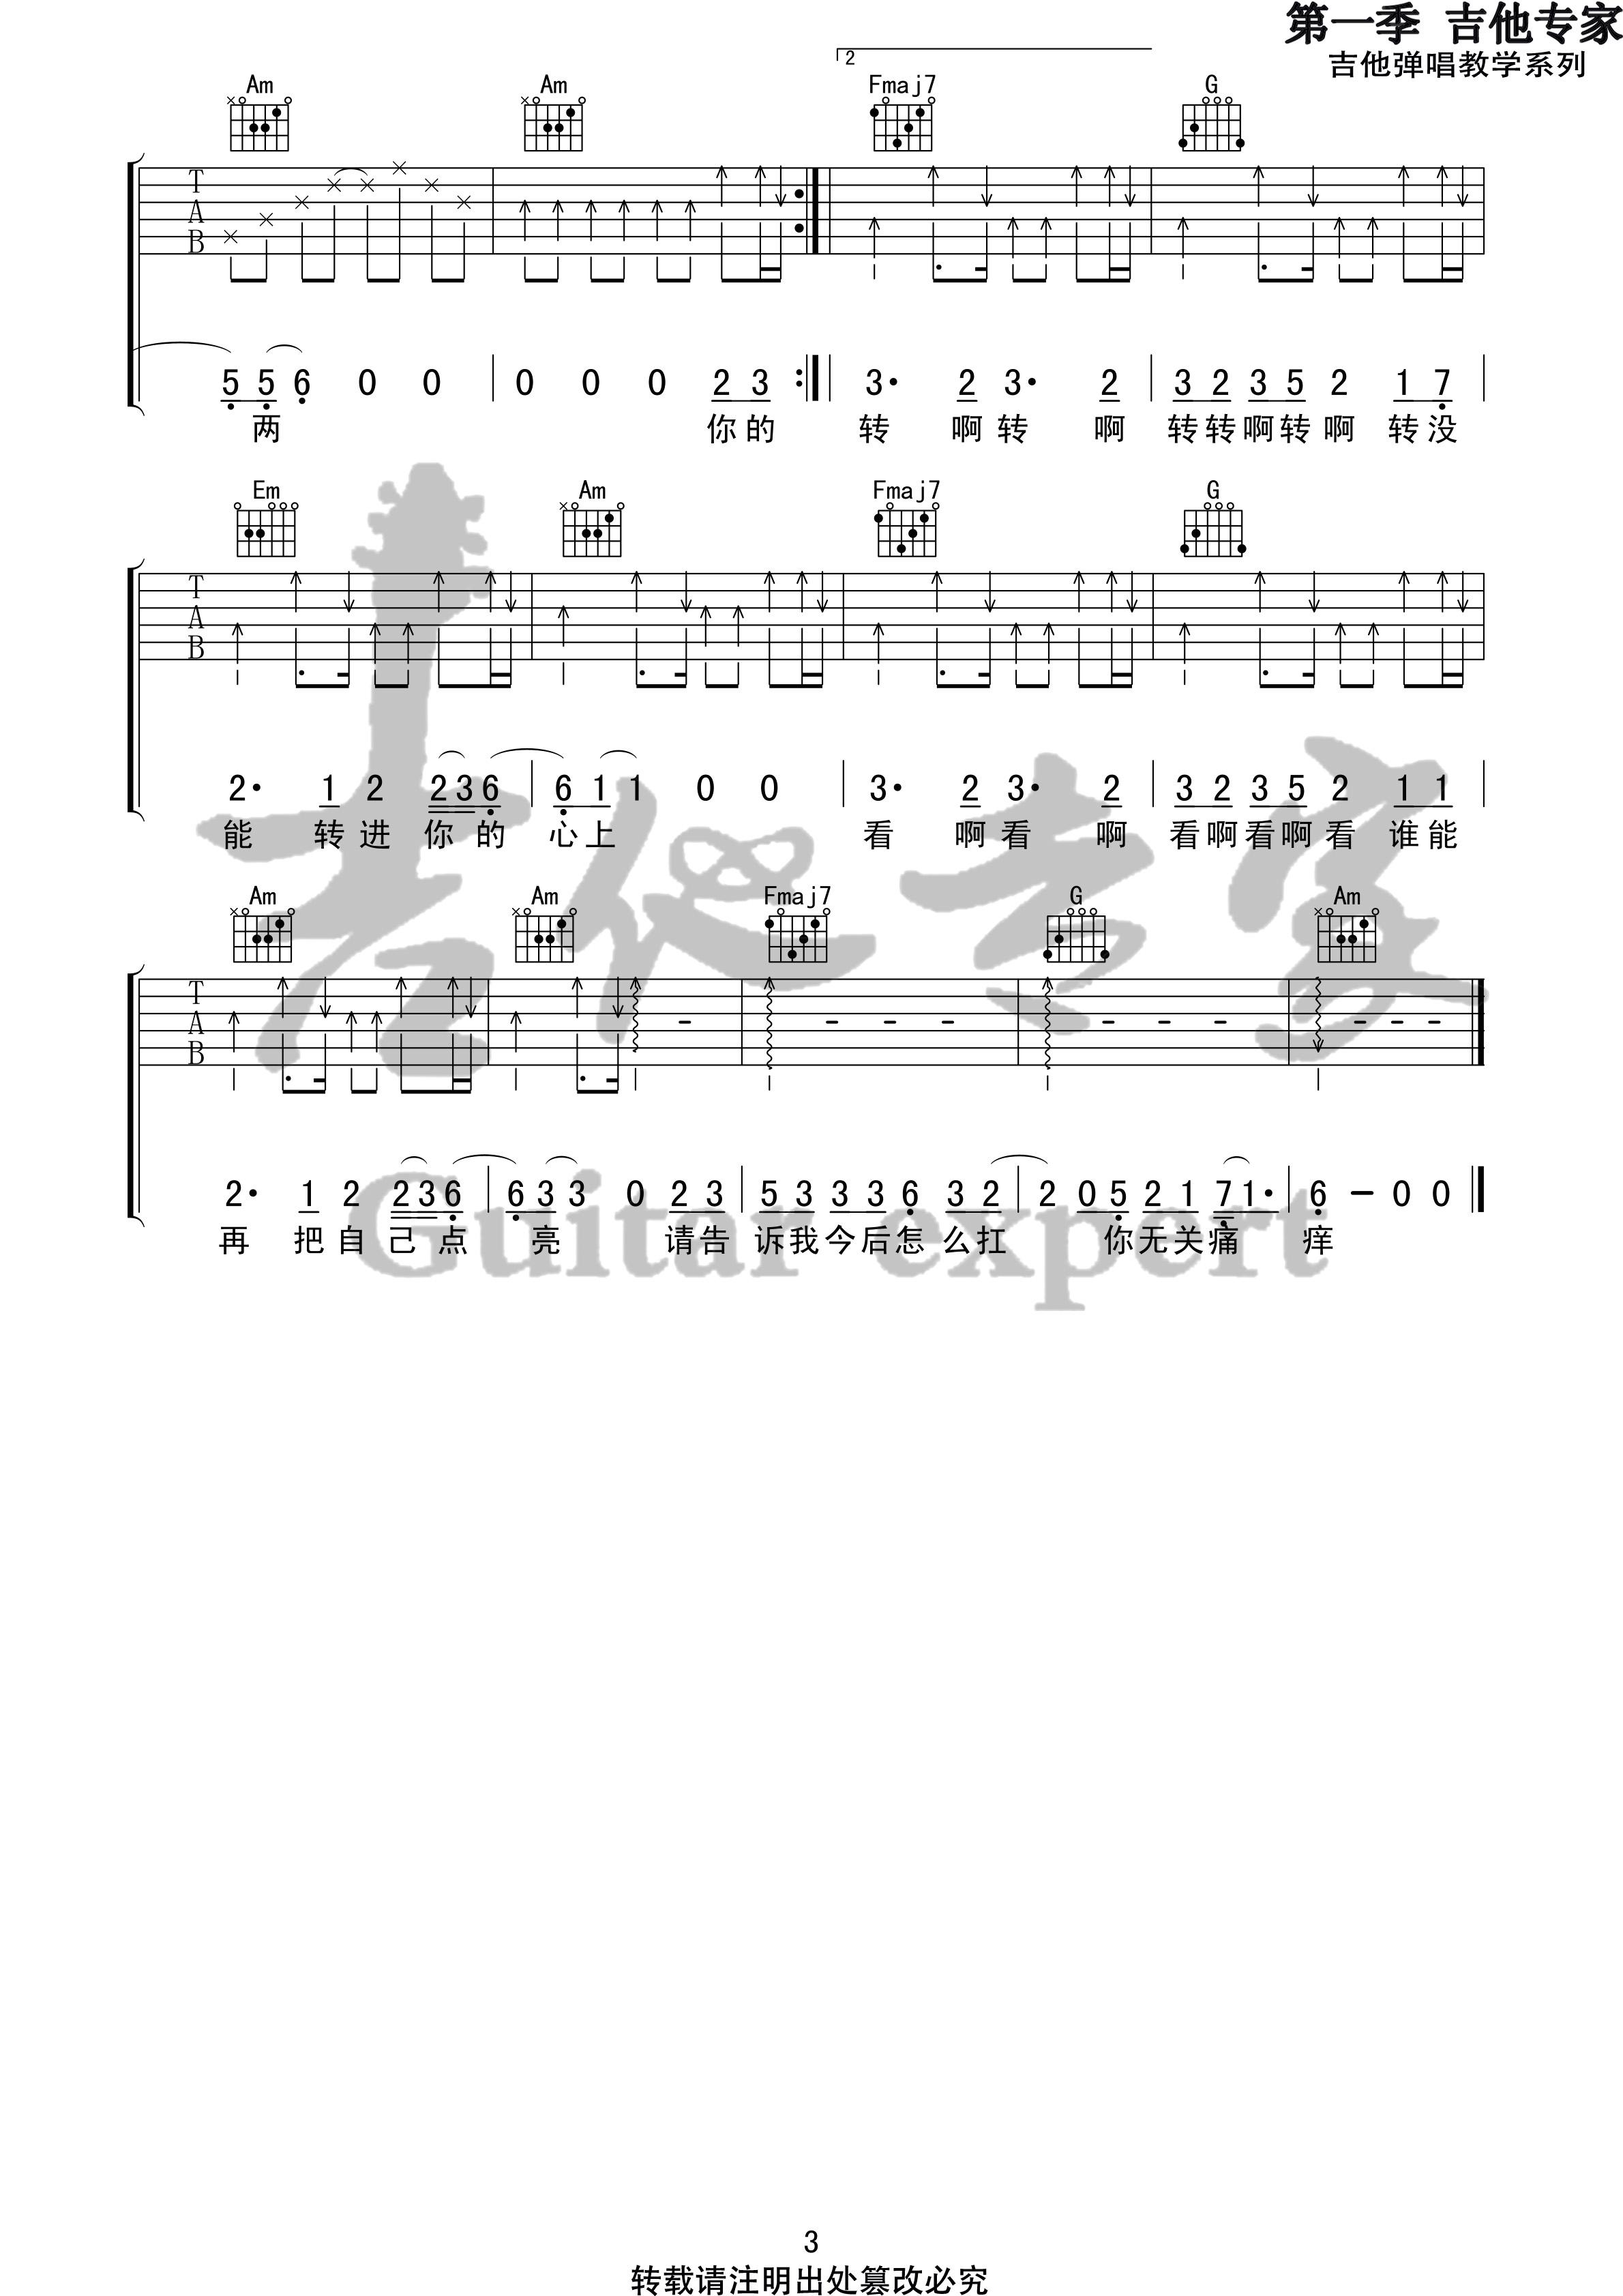 陈雪凝《你的酒馆对我打了烊》吉他谱 C调高清吉他弹唱谱3